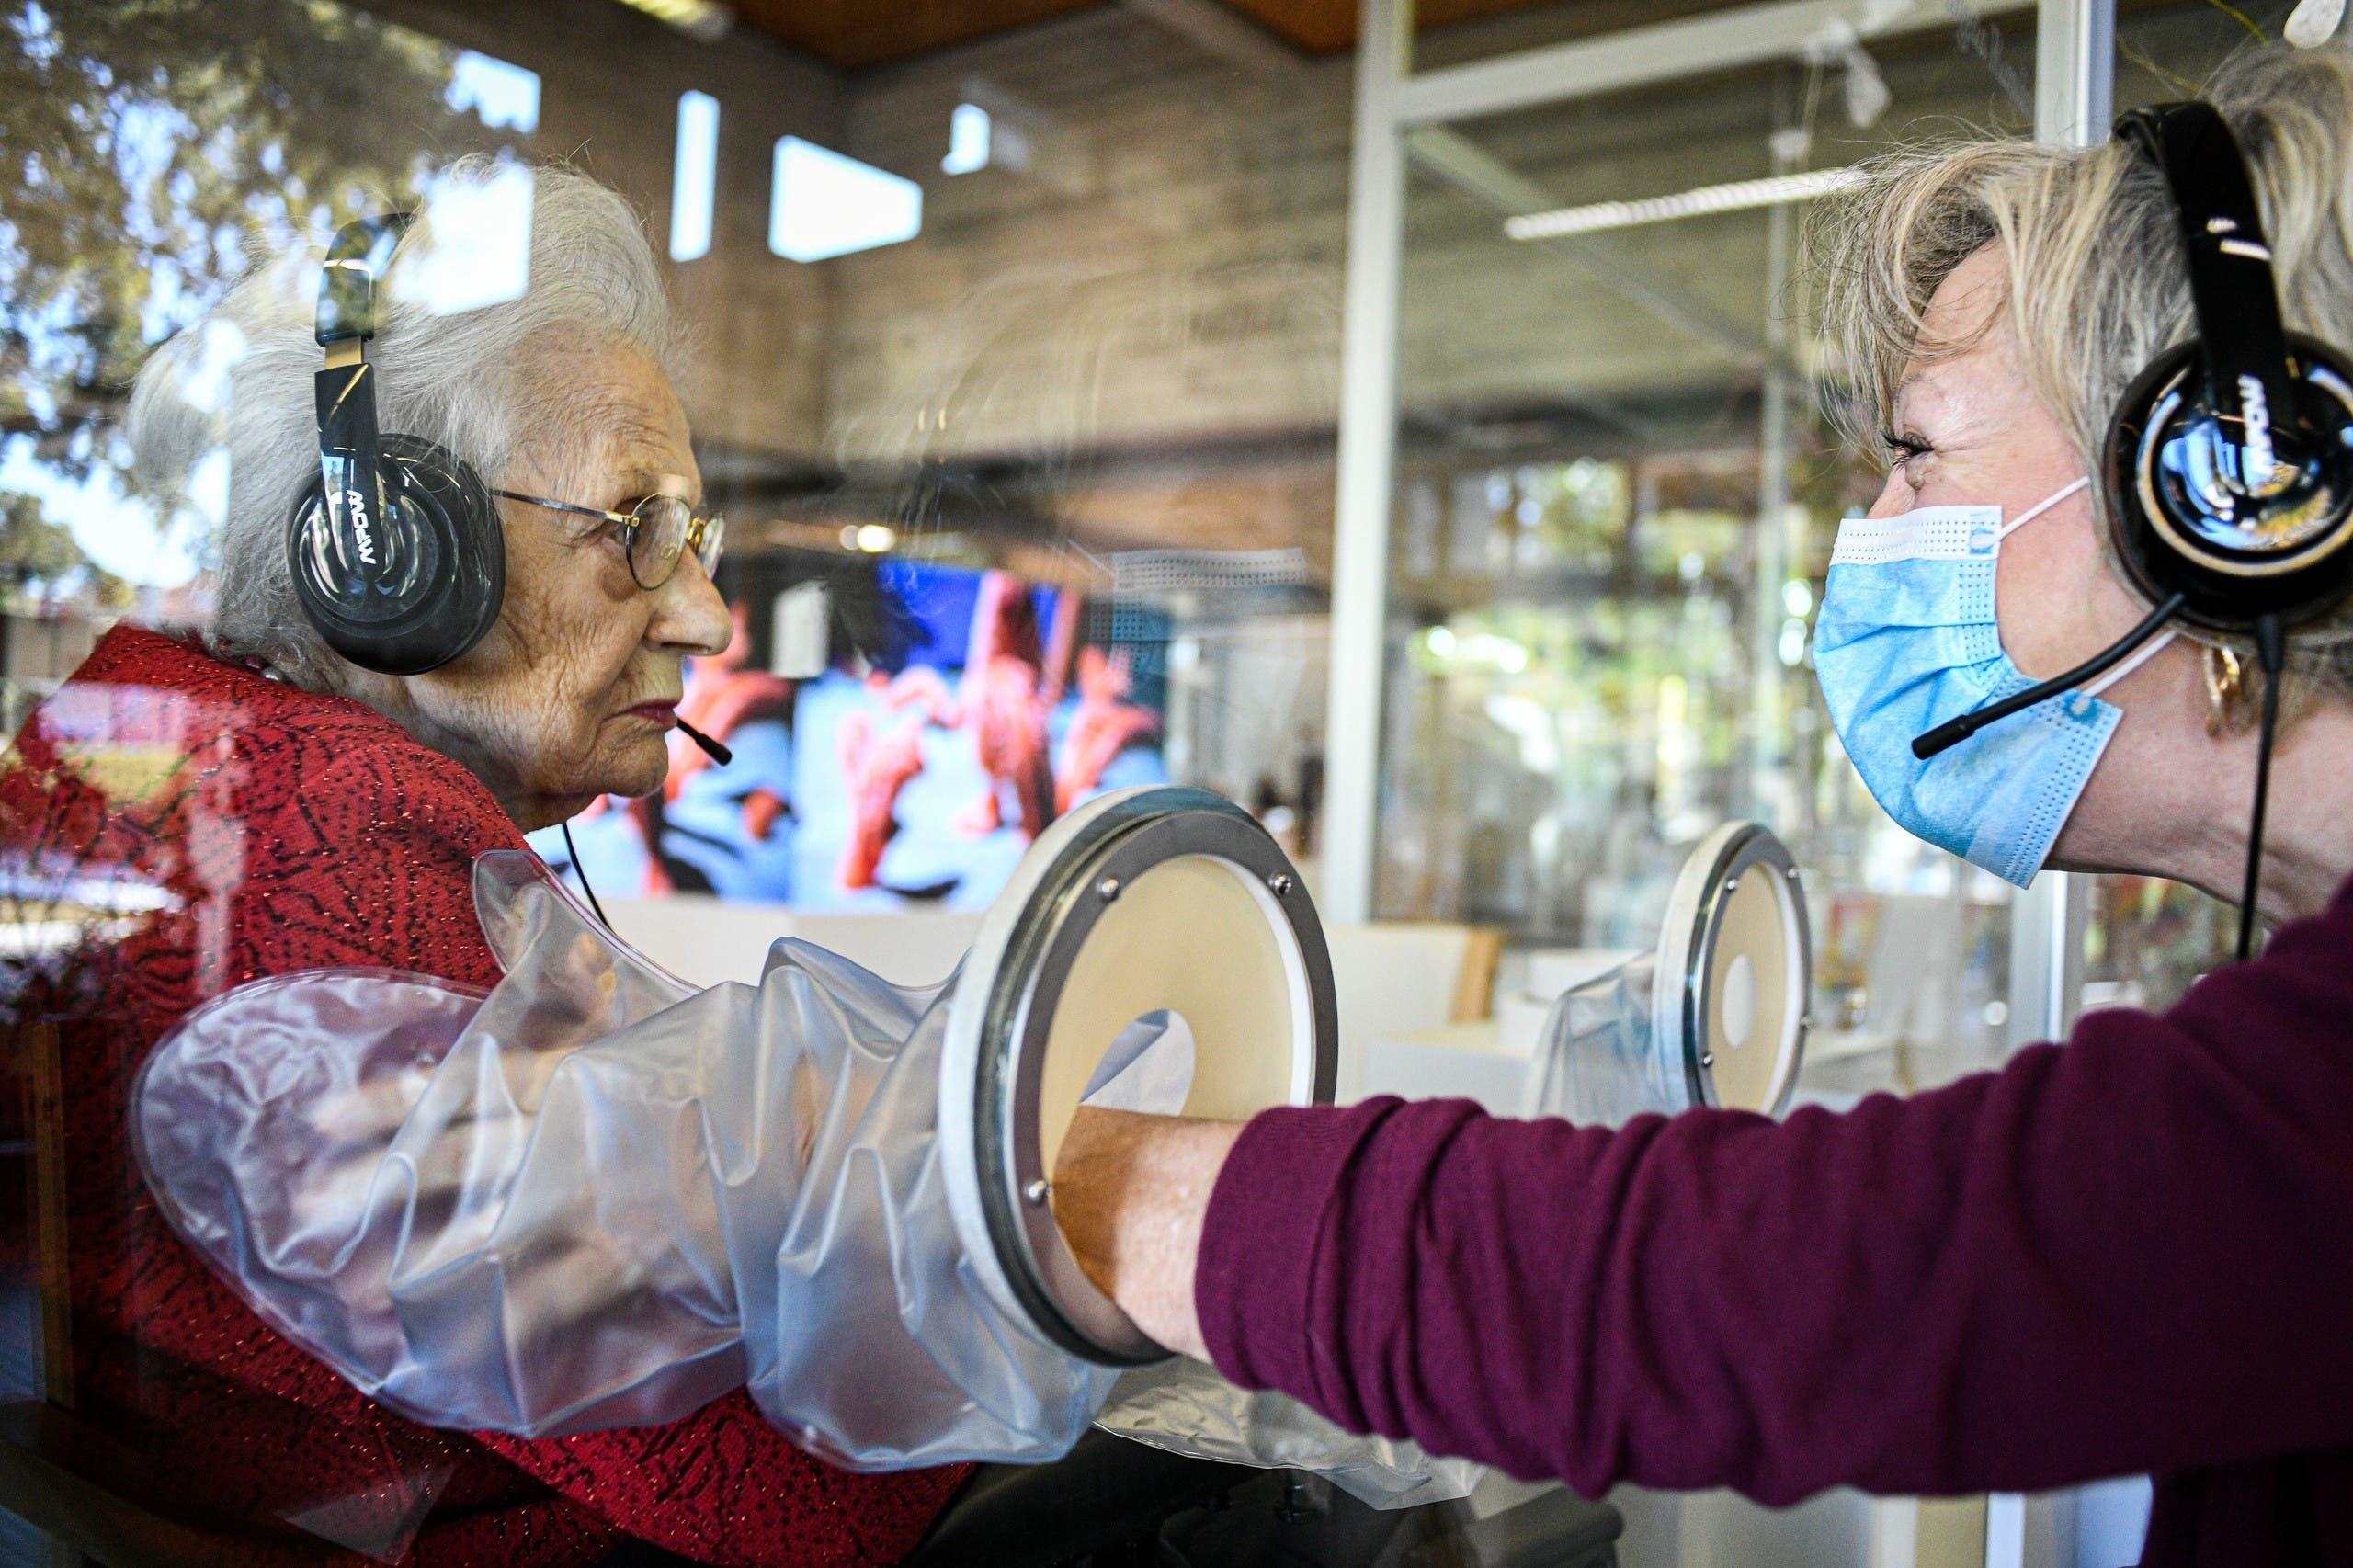 مأوى لكبار السن قرب البندقية يتخذ إجراءات لمكافحة كورونا عبر عزل قاطنيه عن الزوار